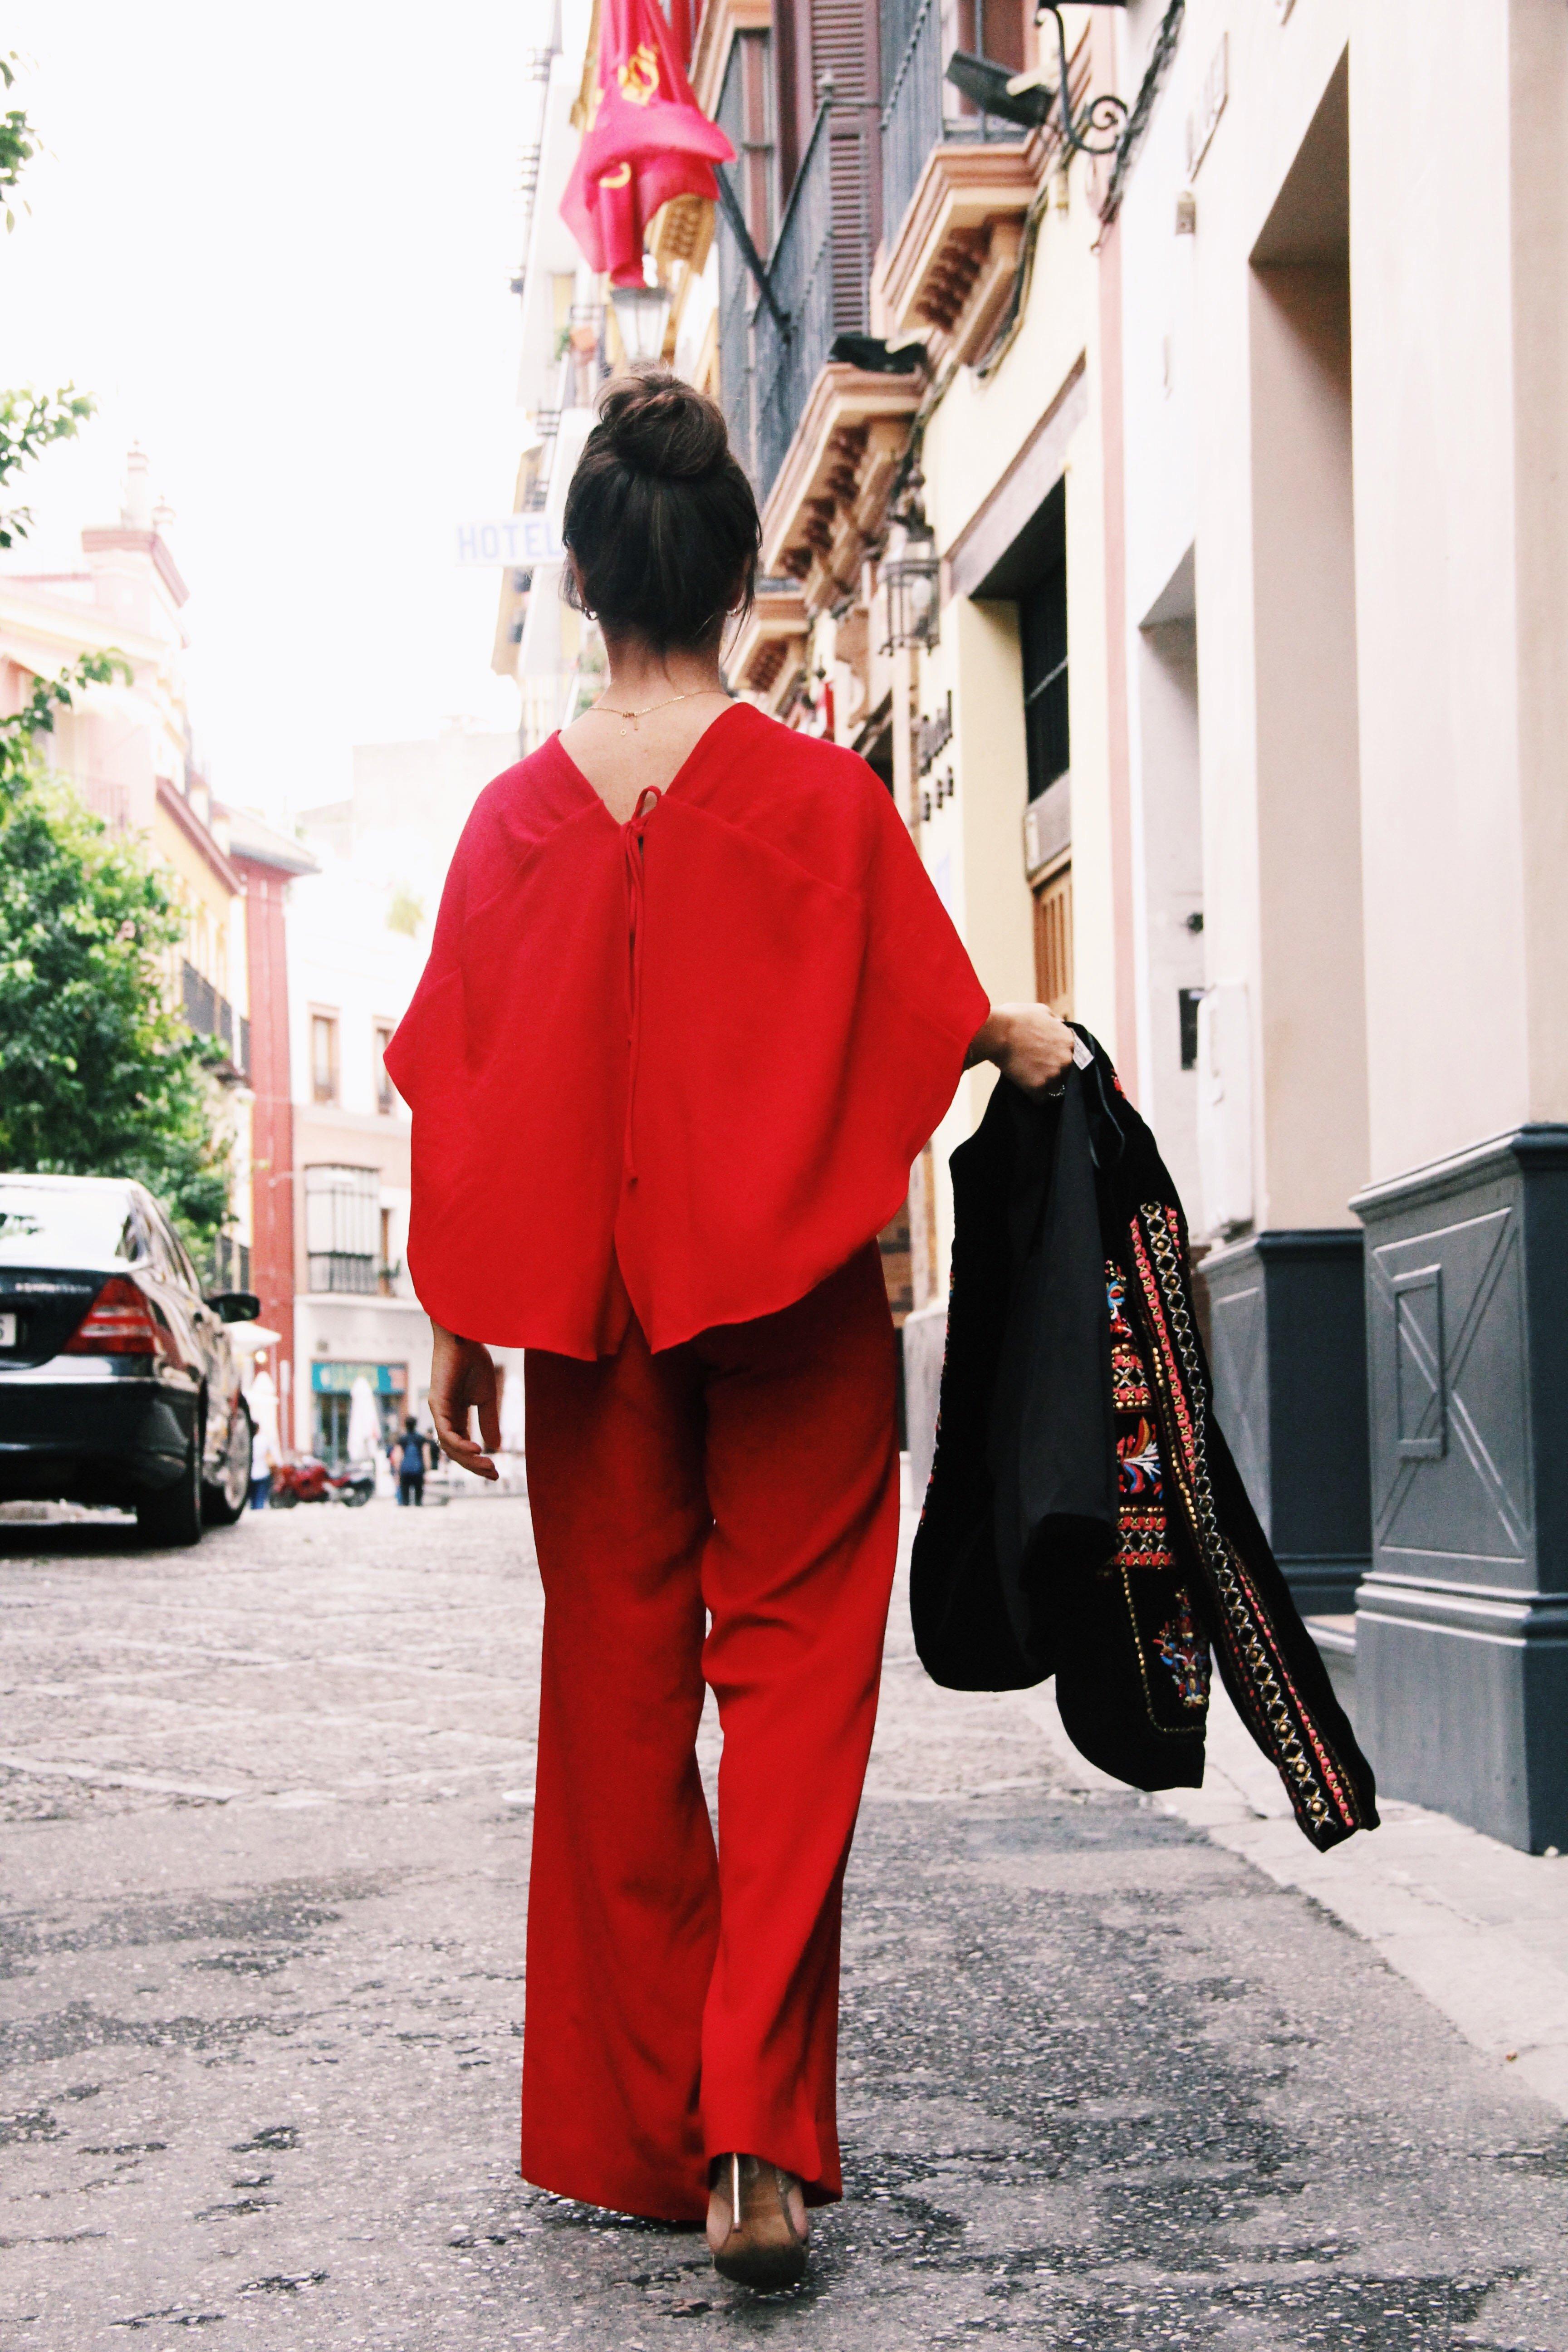 Zara- mono_rojo-Iook_de_boda-cinturon_de_pluma-complementos_dorados- red_outfit- chaqueta_terciopelo_bordado- Less_is_more-1